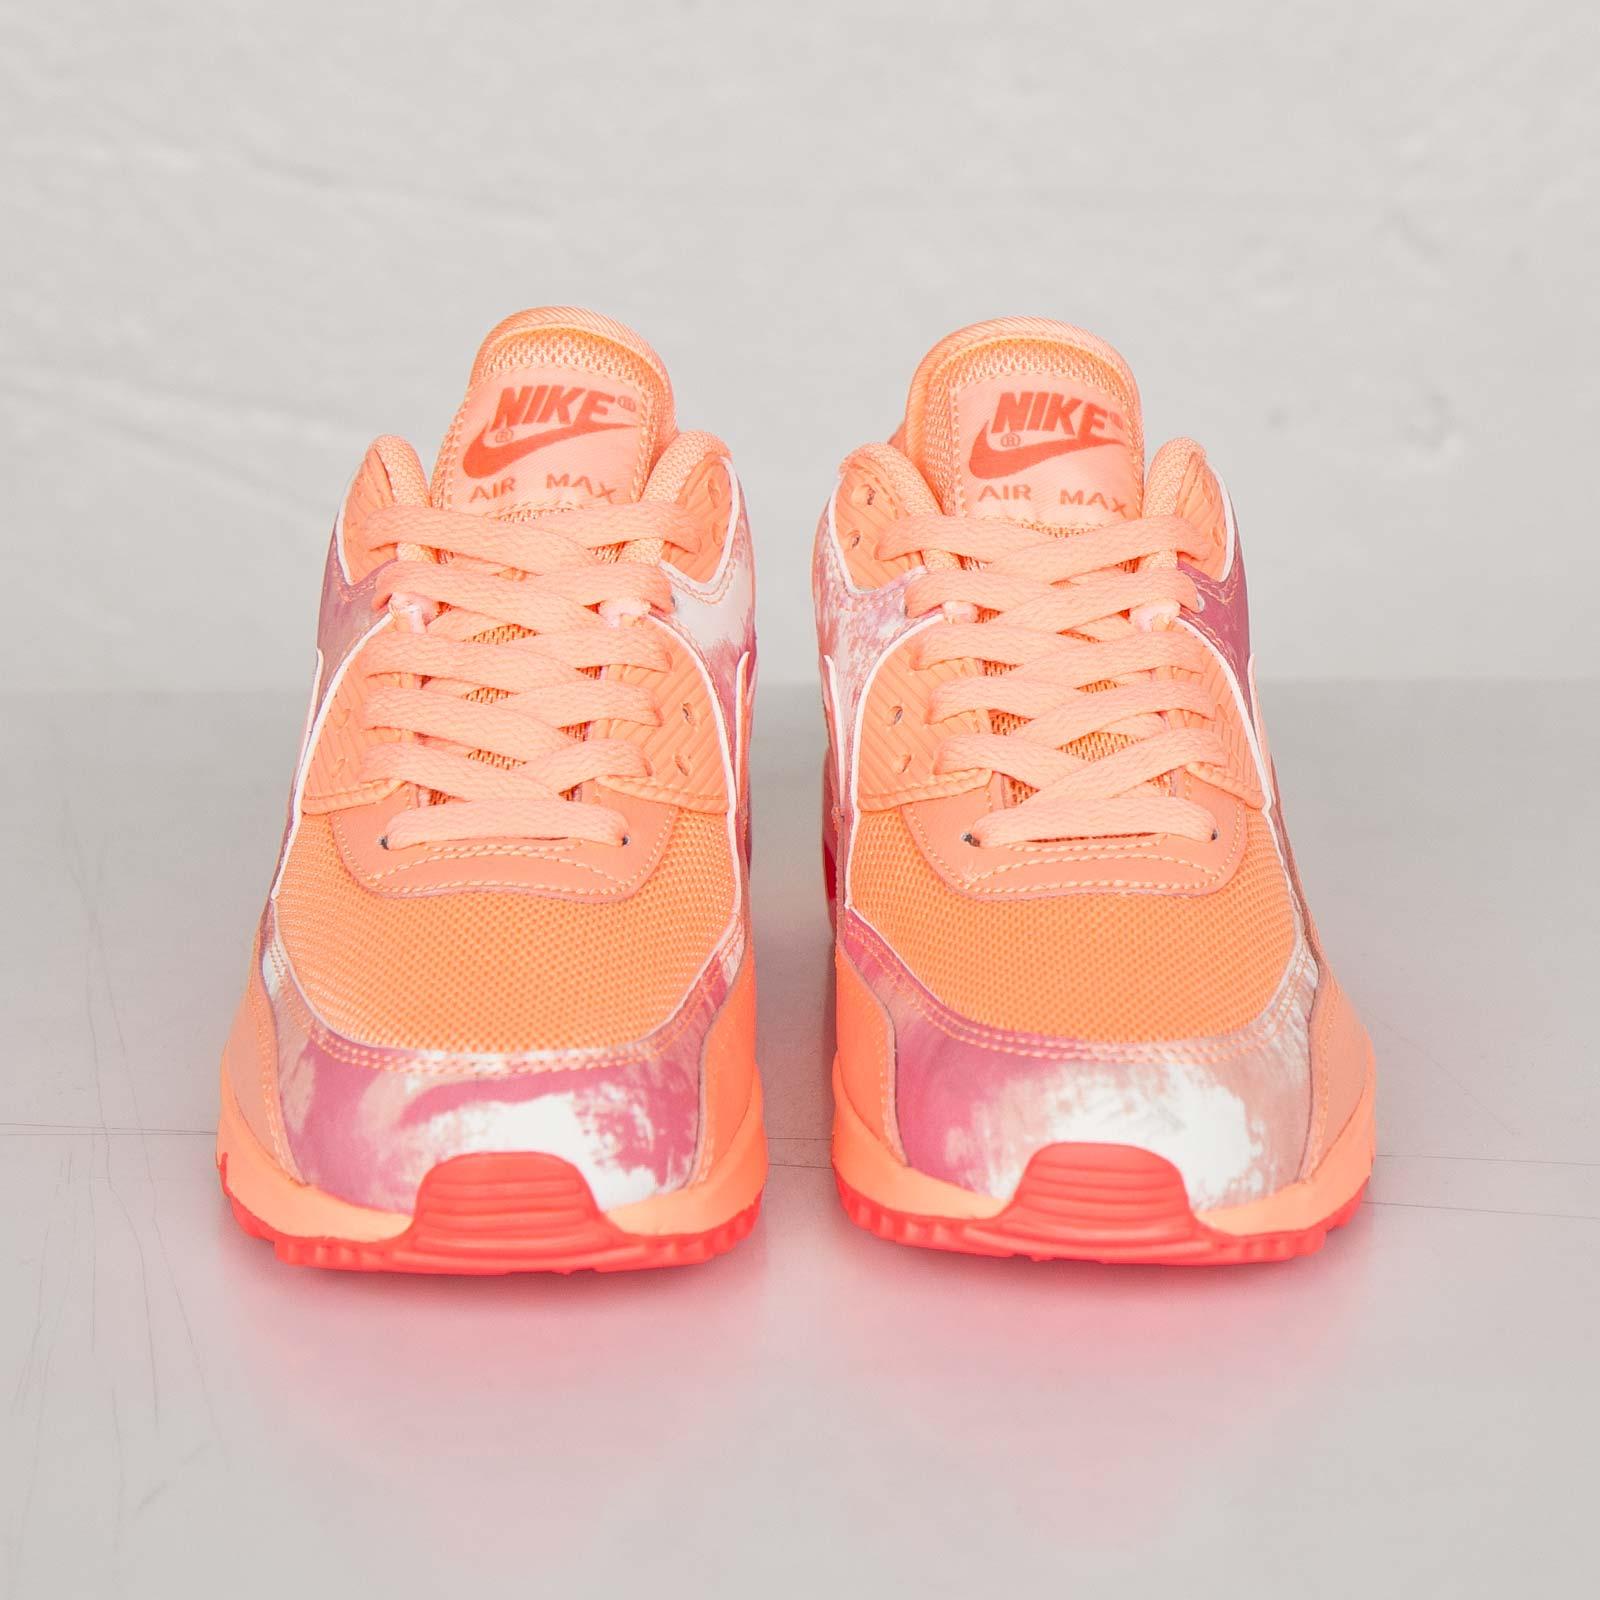 Nike Nike Air Max 90 Print Sunset Glow Orange (Damen